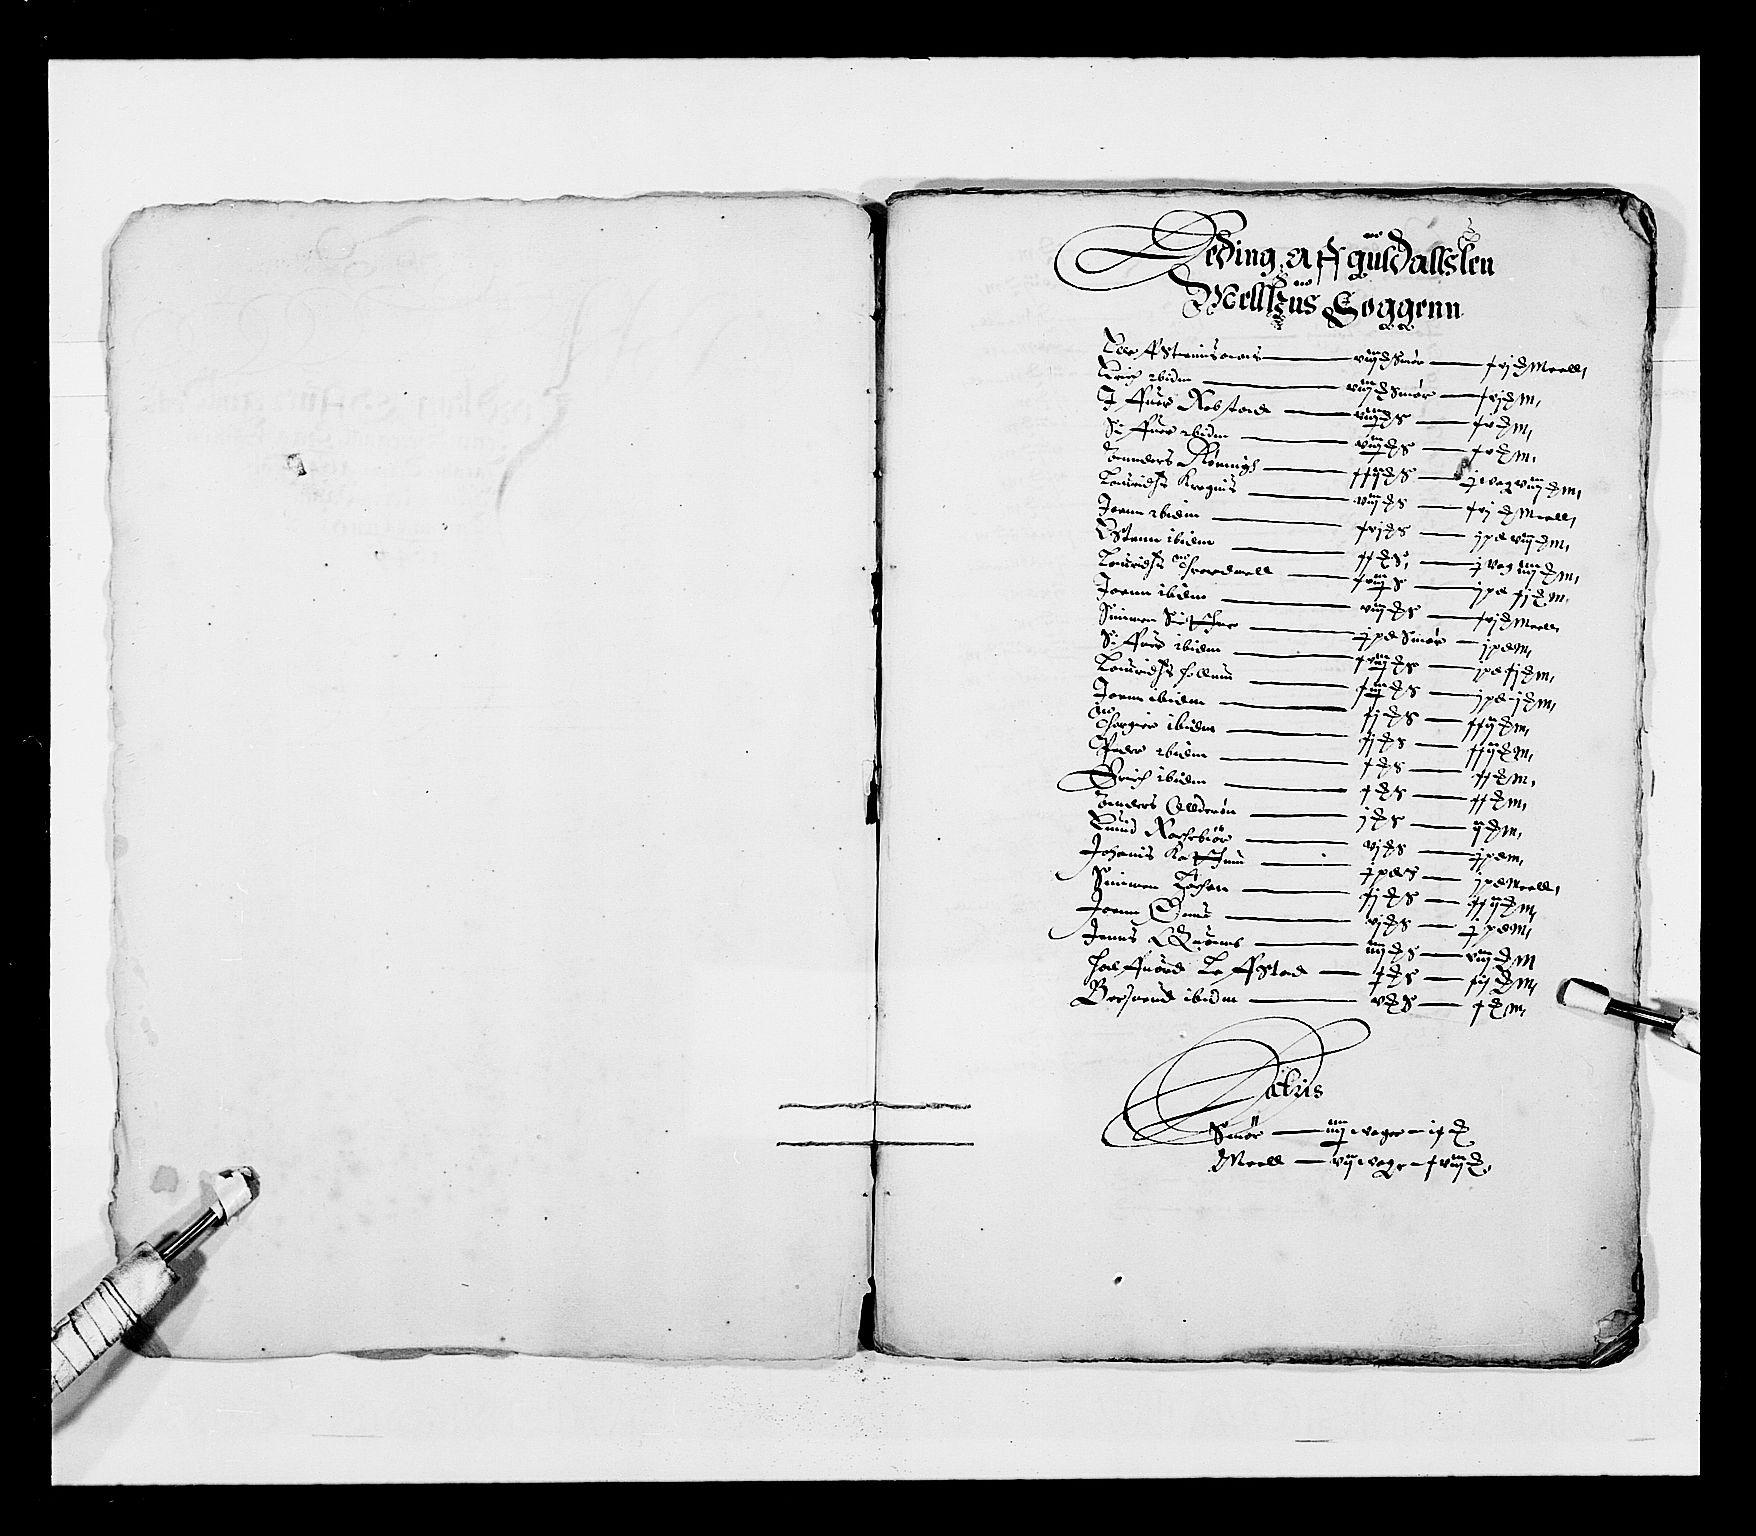 RA, Stattholderembetet 1572-1771, Ek/L0028: Jordebøker 1633-1658:, 1645-1646, s. 208